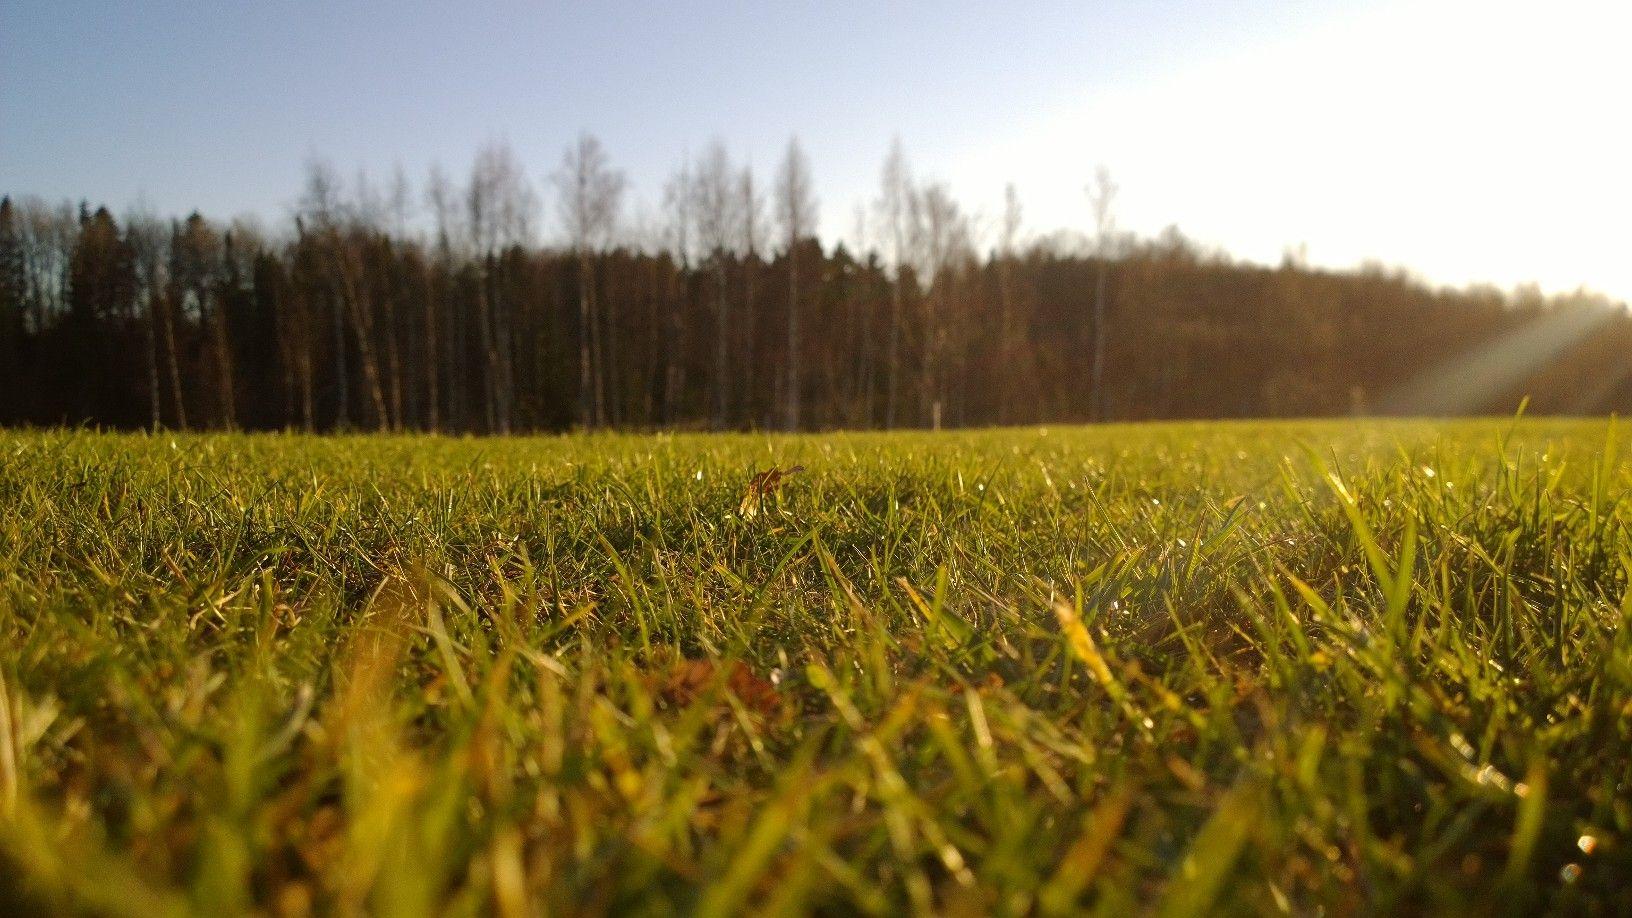 Mardipäeva päikesega Kadripäeva poole. Foto: Kylauudis.ee